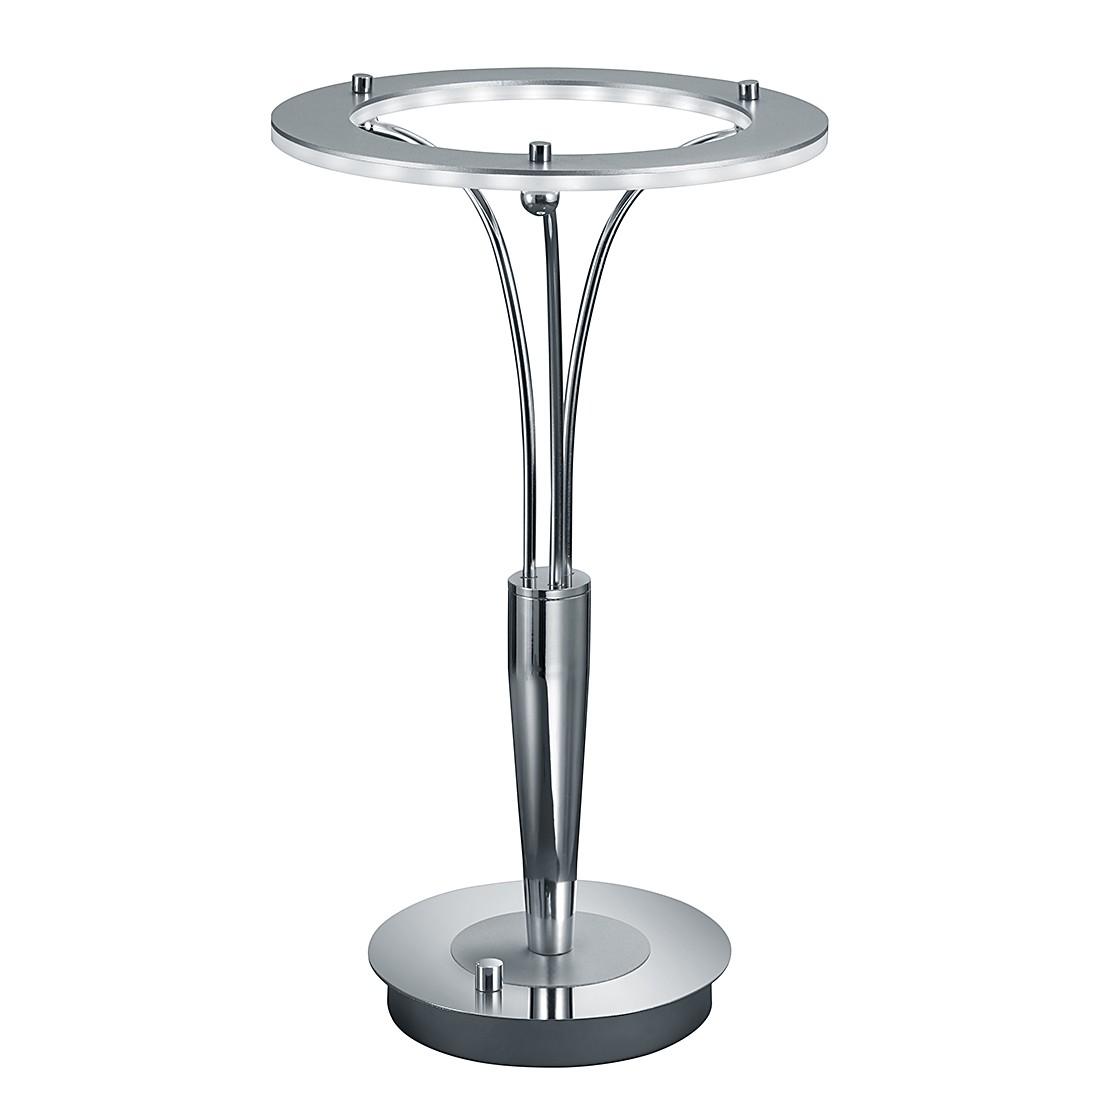 LED-Tischleuchte TORONTO ● Aluminium ● 1x11 W- Lux A+